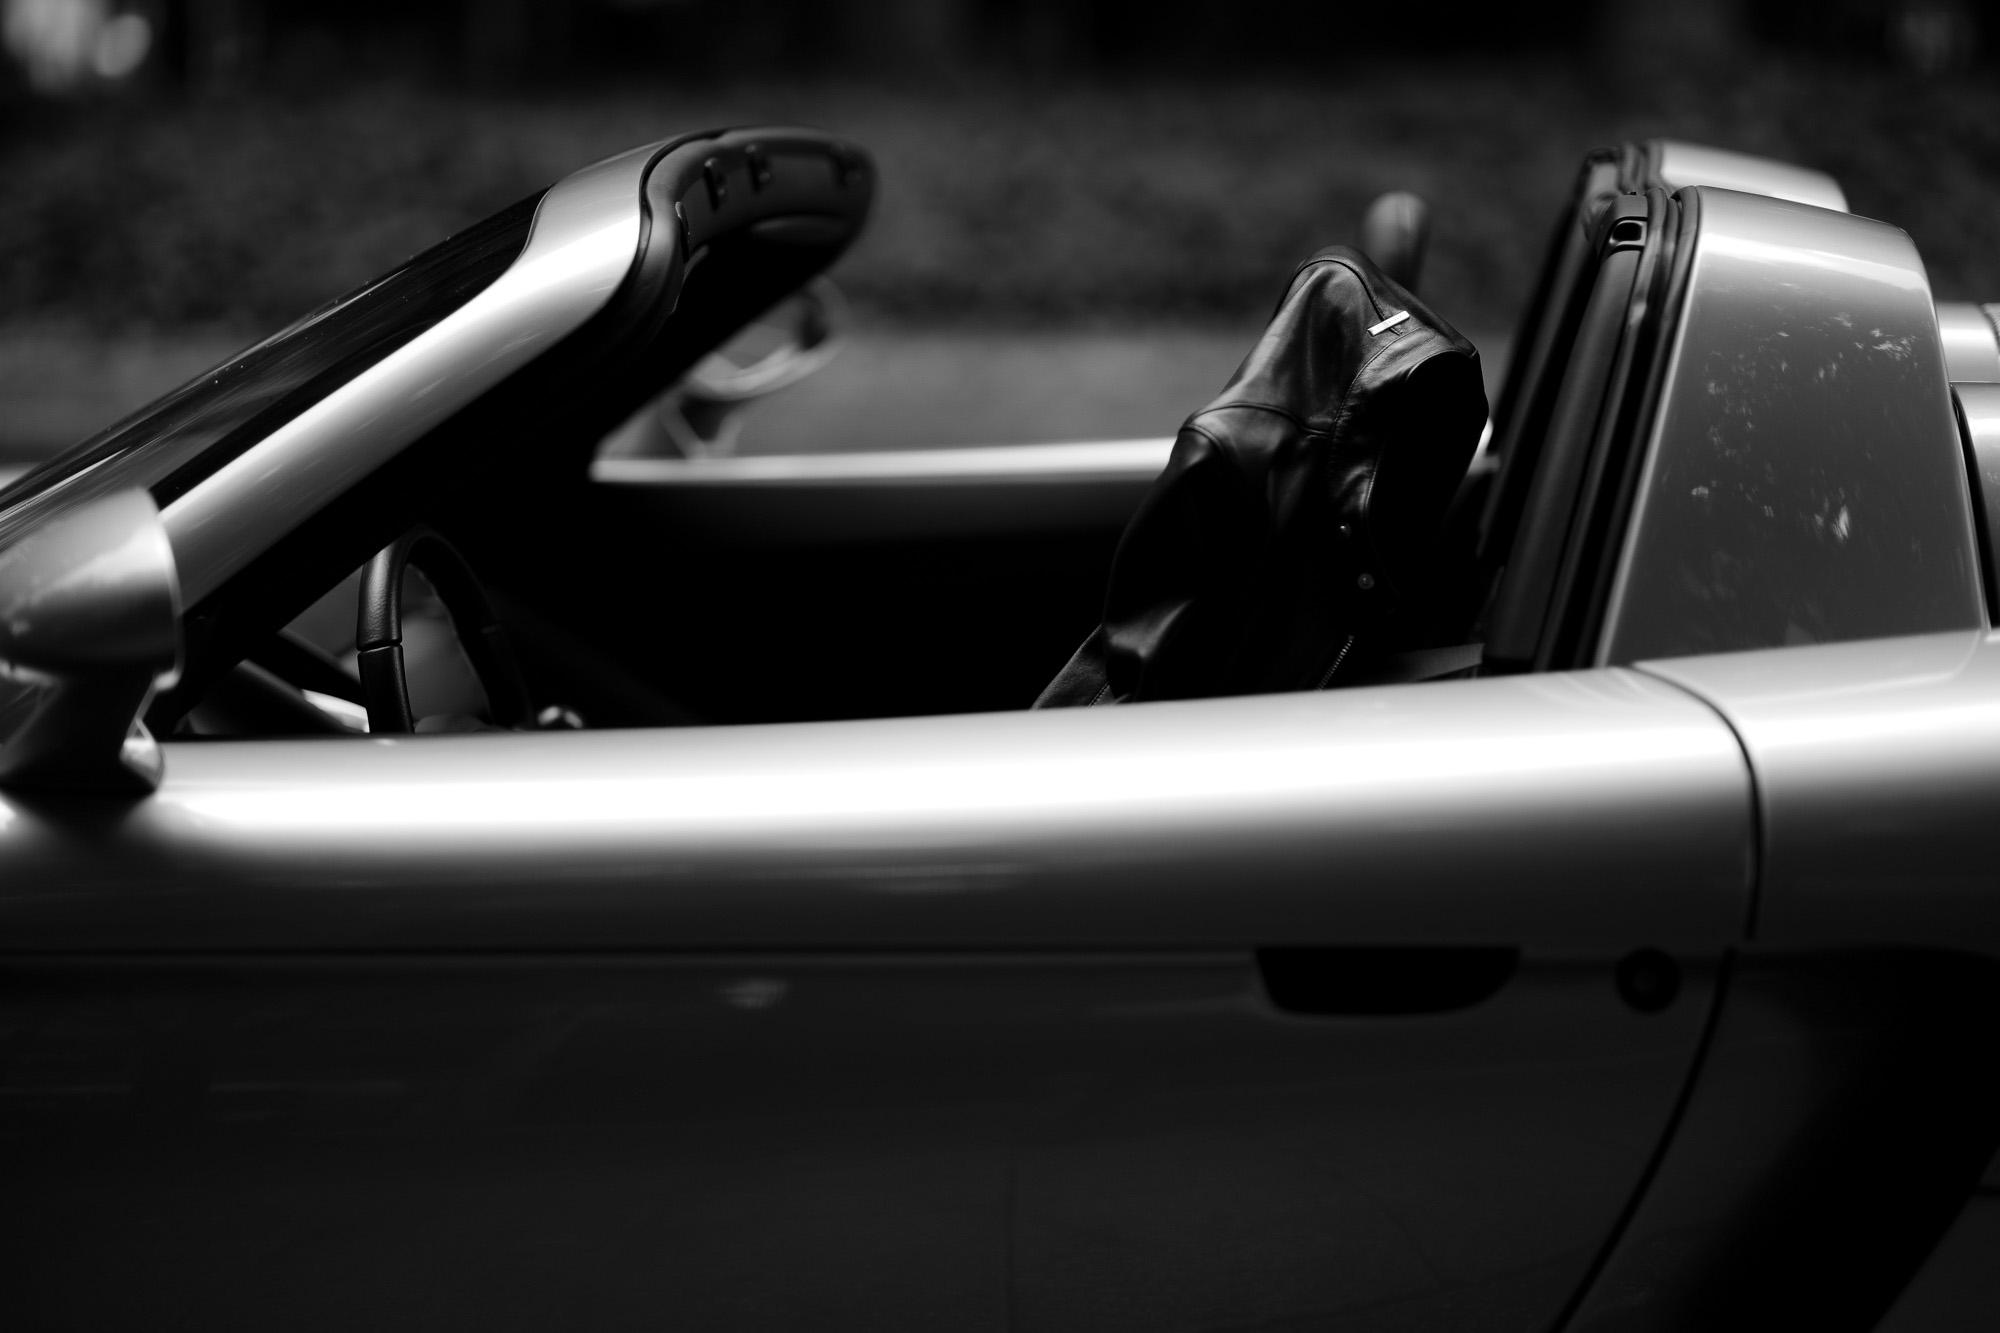 Georges de Patricia (ジョルジュ ド パトリシア) Carrera (カレラ) 925 STERLING SILVER (925 スターリングシルバー) Super Soft Sheepskin シングル ライダース ジャケット NOIR (ブラック) 2018 秋冬 【ご予約受付中】【Porsche Carrera GT】 Georges de Patricia ジョルジュ ド パトリシア Carrera カレラ 925 STERLING SILVER Super Soft Sheepskin シングル ライダース ジャケット ブラック 2018 秋冬 georgesdepatricia ジョルジュドパトリシア カレラ ポルシェ  愛知